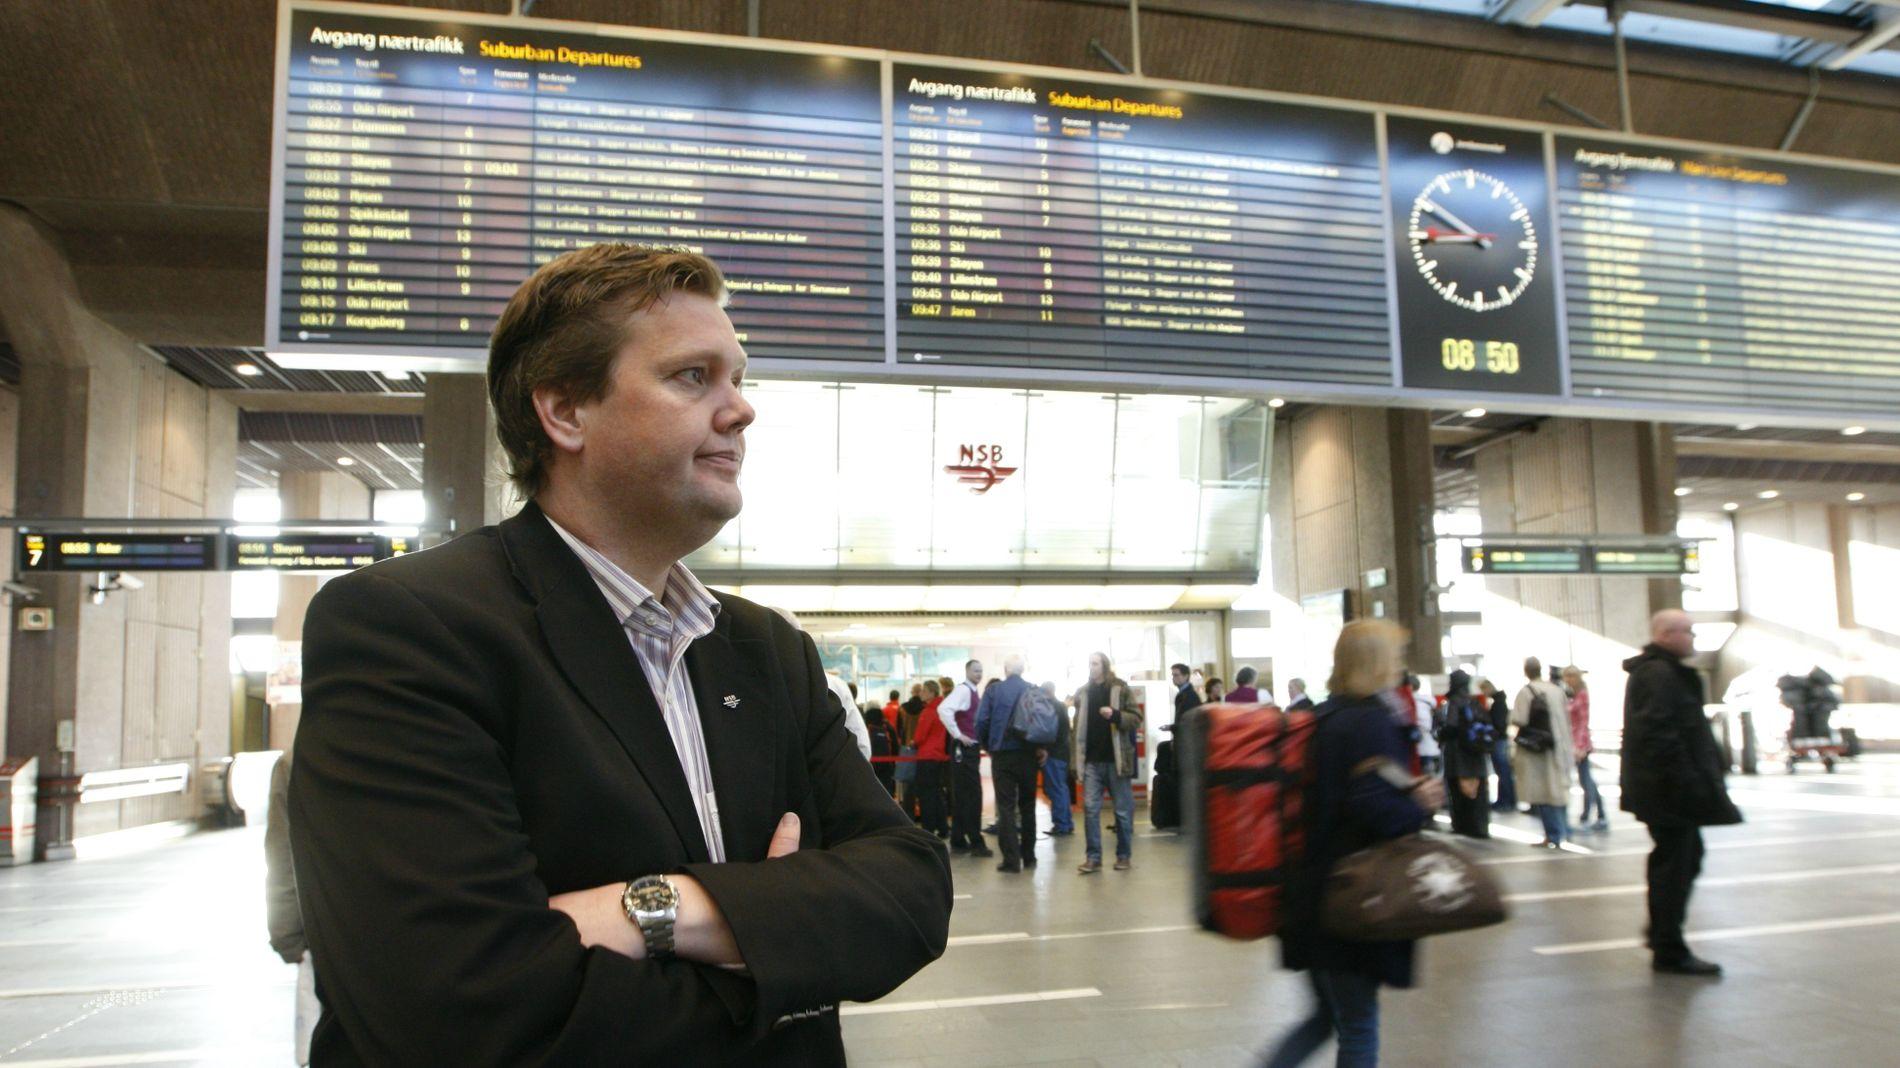 STOR PÅGANG: Pressesjef Åge-Christoffer Lundeby i Vy sier SAS-streiken har ført til uvanlig stor pågang, men har ikke mulighet til å øke kapasiteten i helgen.